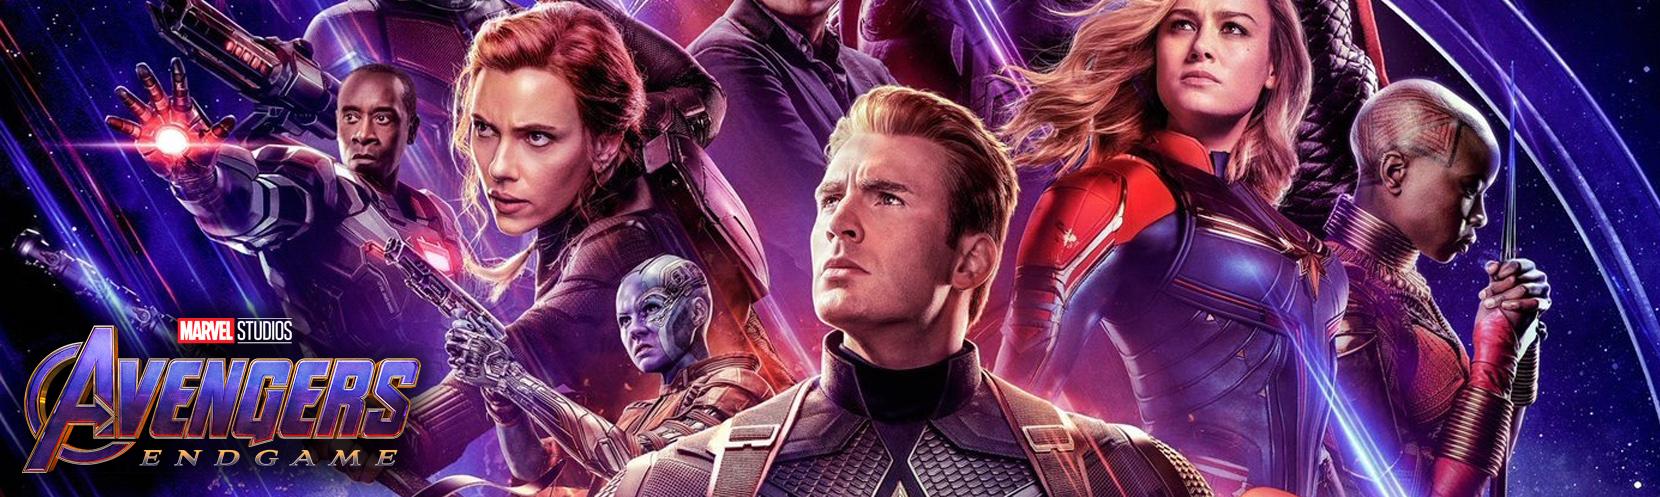 """Las 21 películas que nos preparan para """"Avengers: Endgame"""""""